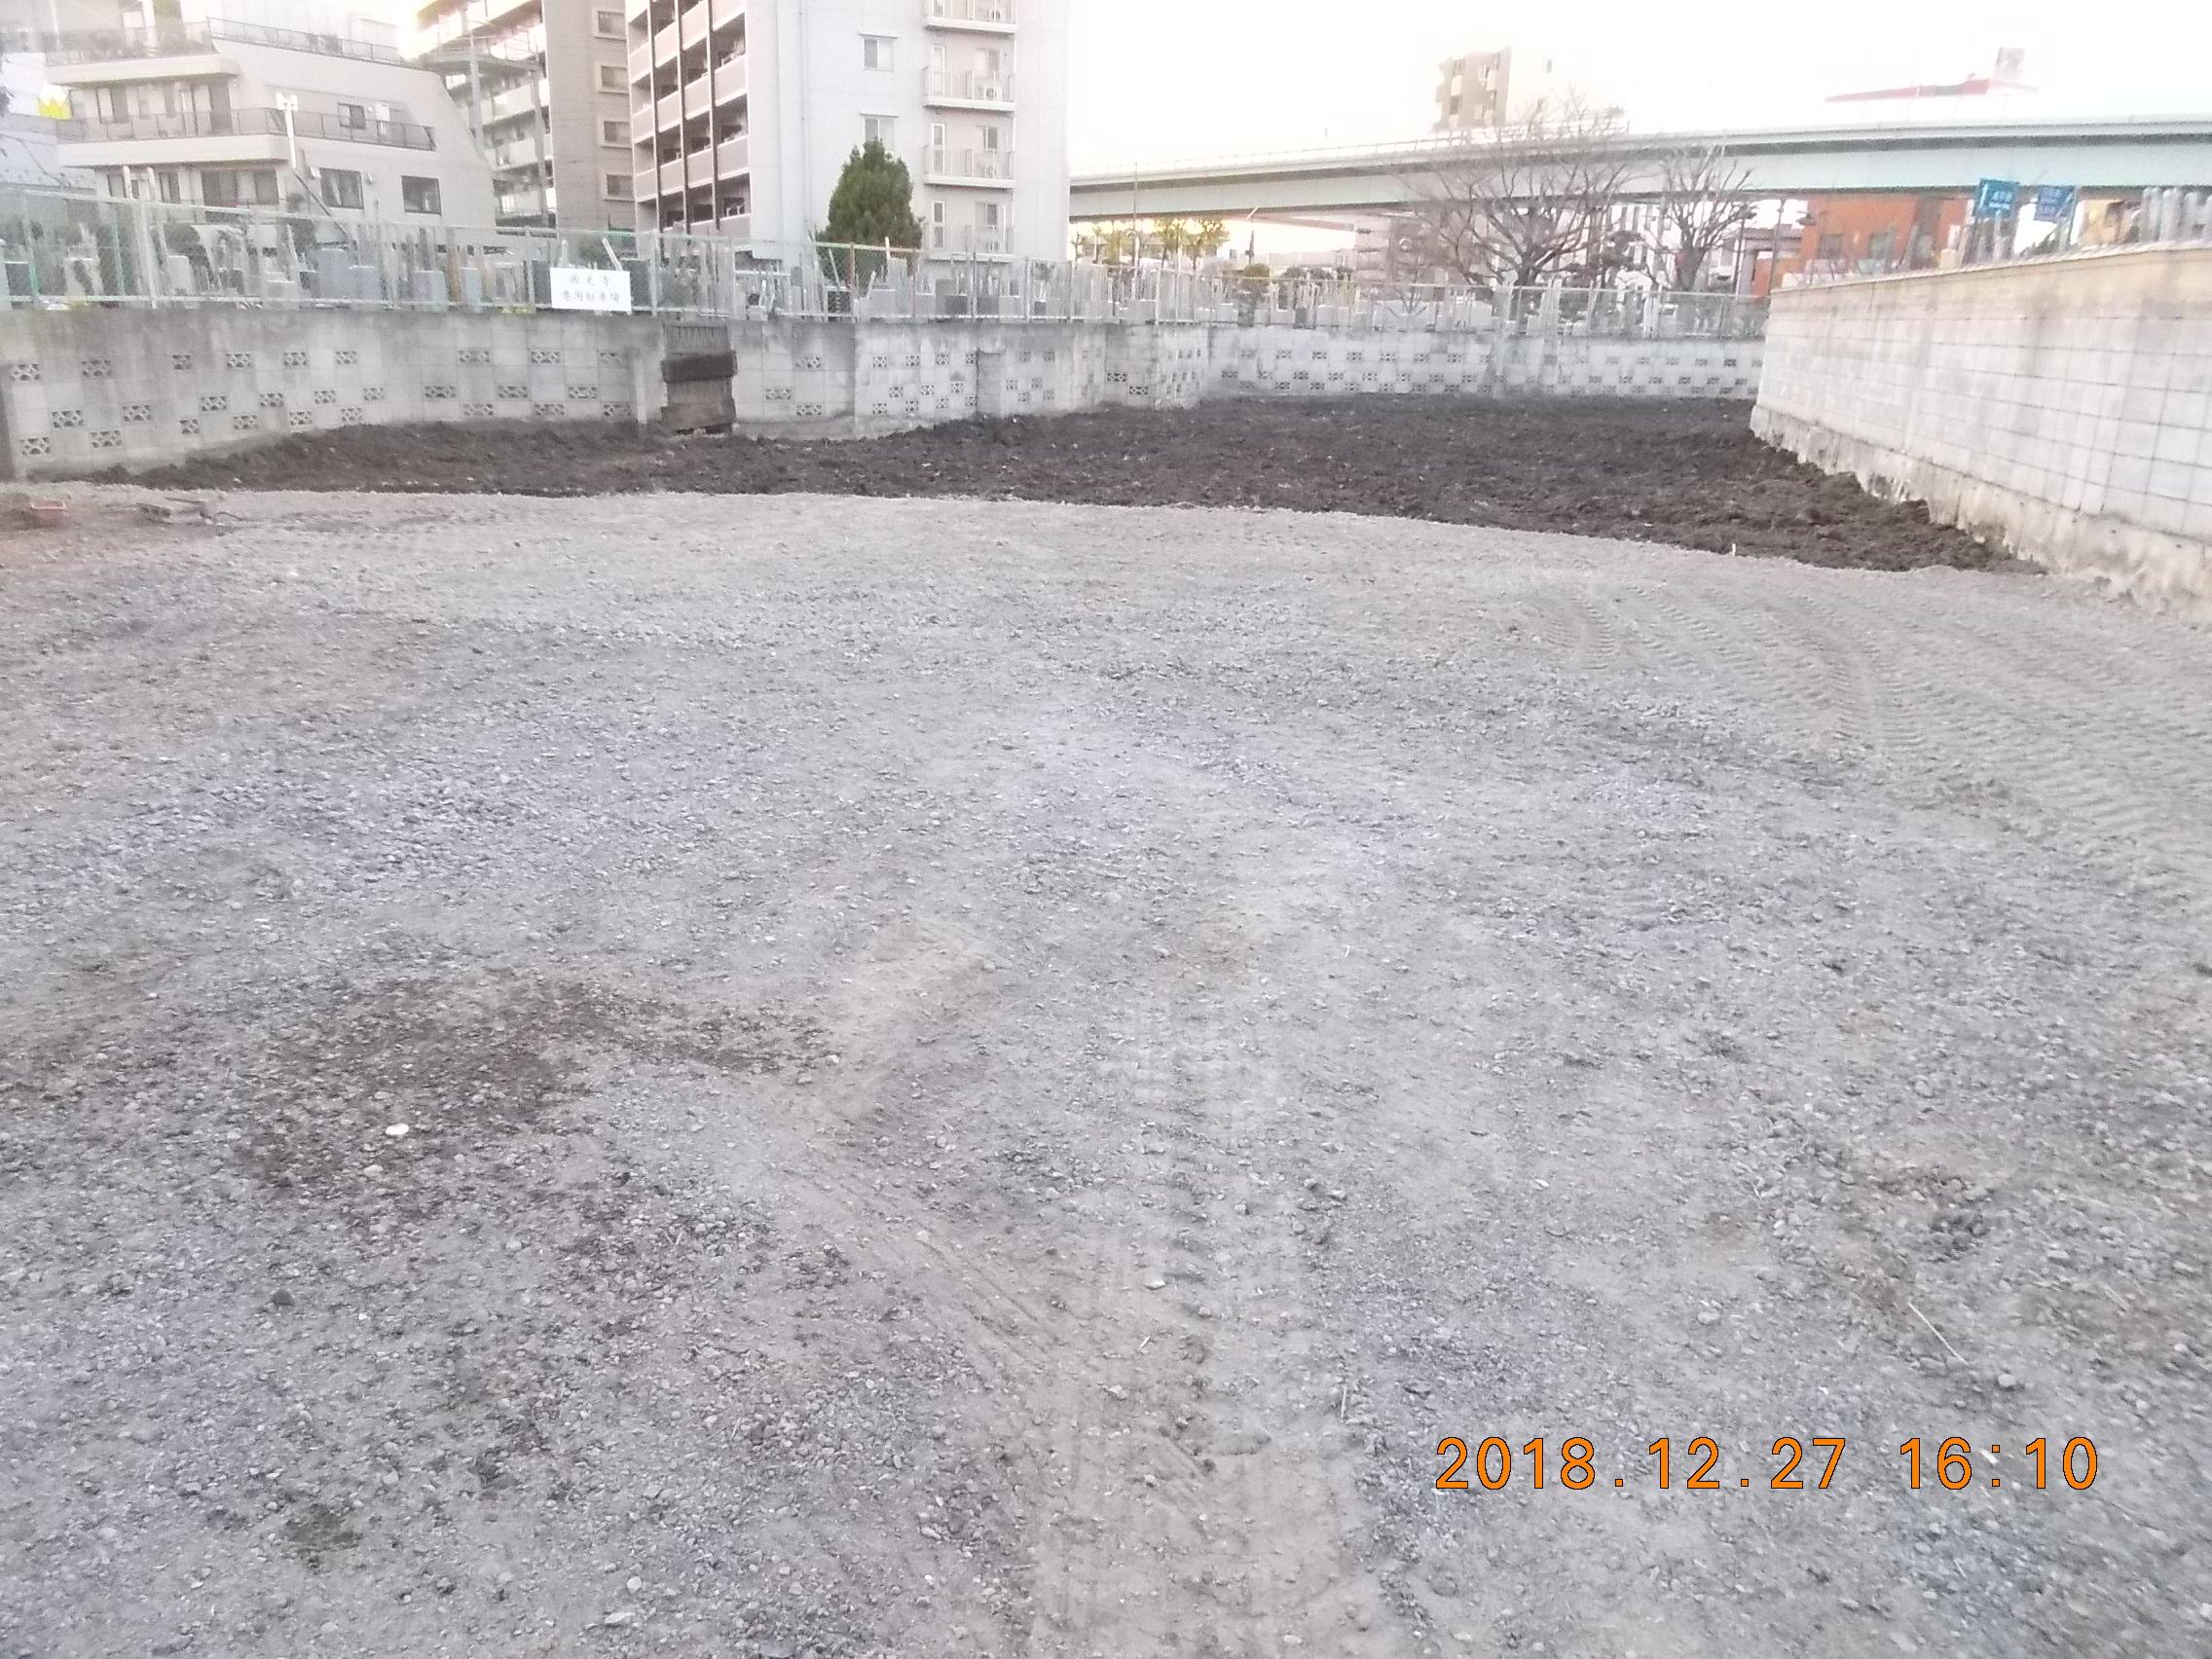 葛飾区四つ木 家・空き家解体